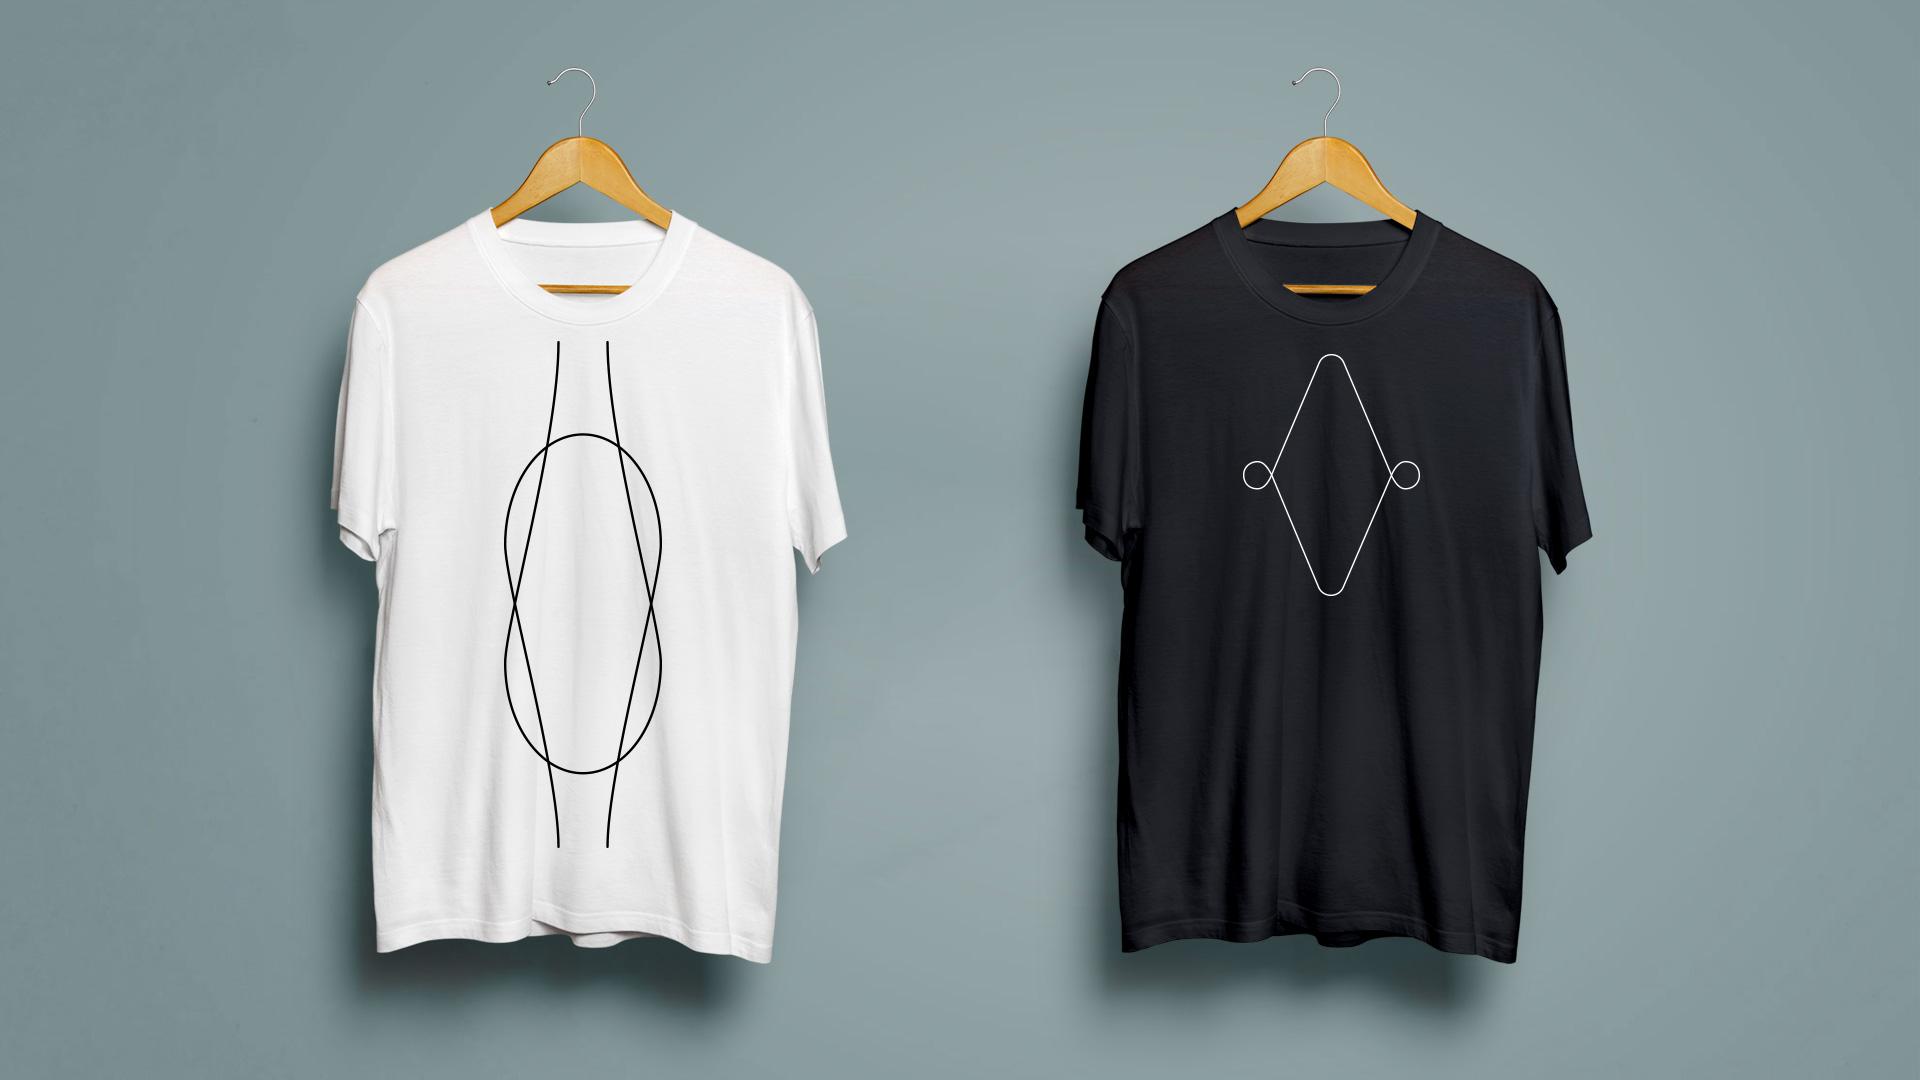 t_shirt_mockup_front-01